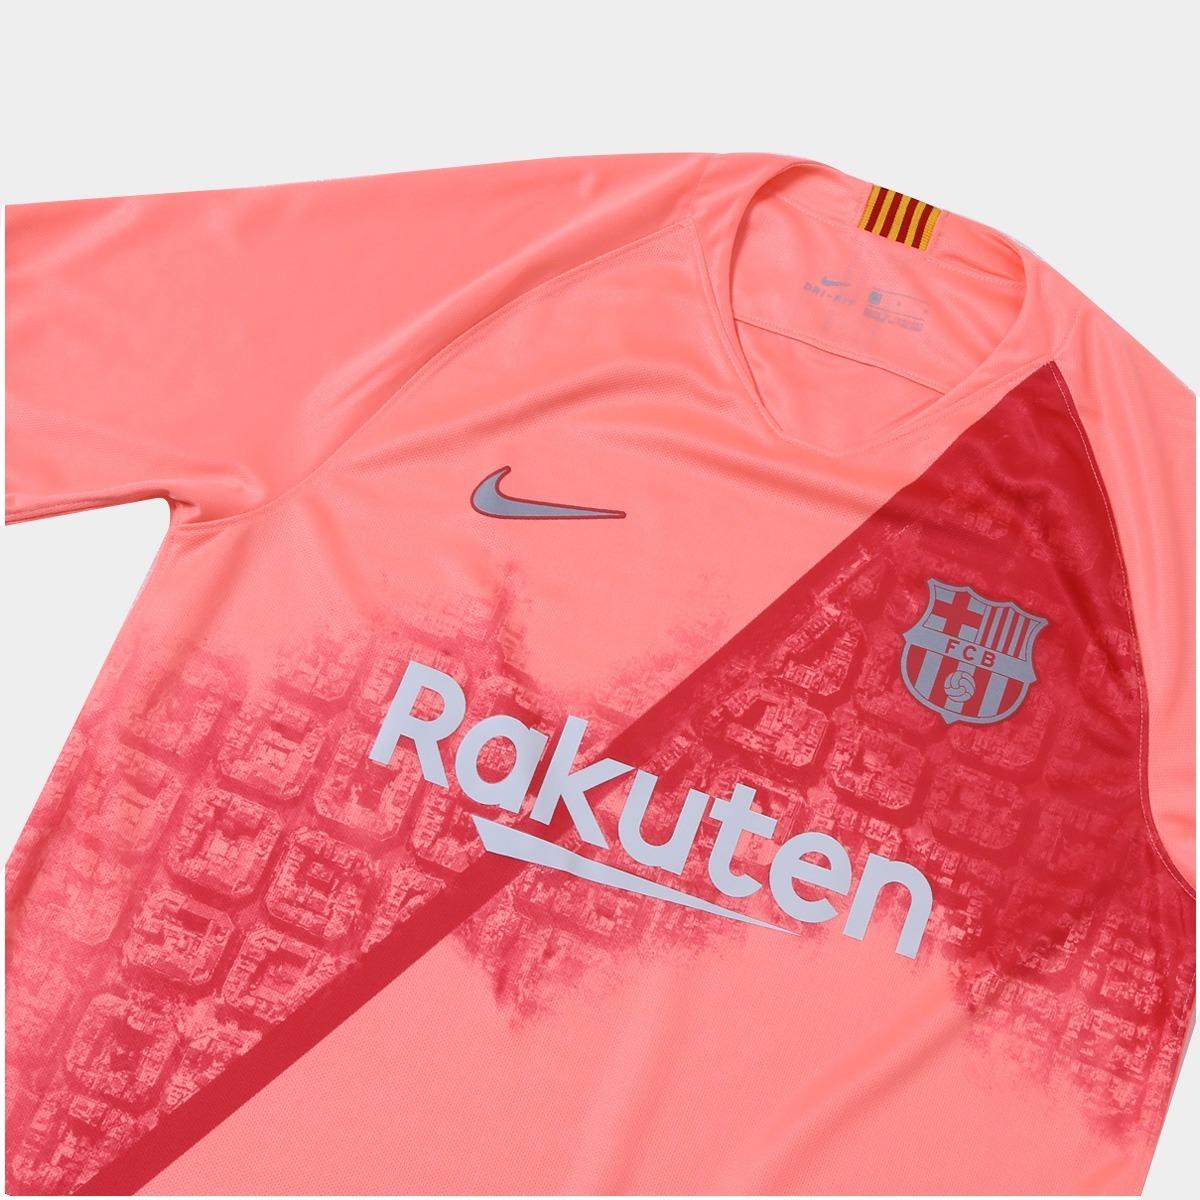 e40f659c5524c Camisa Do Barcelona Rosa vermelha 18 19 - Frete Grátis - R  189